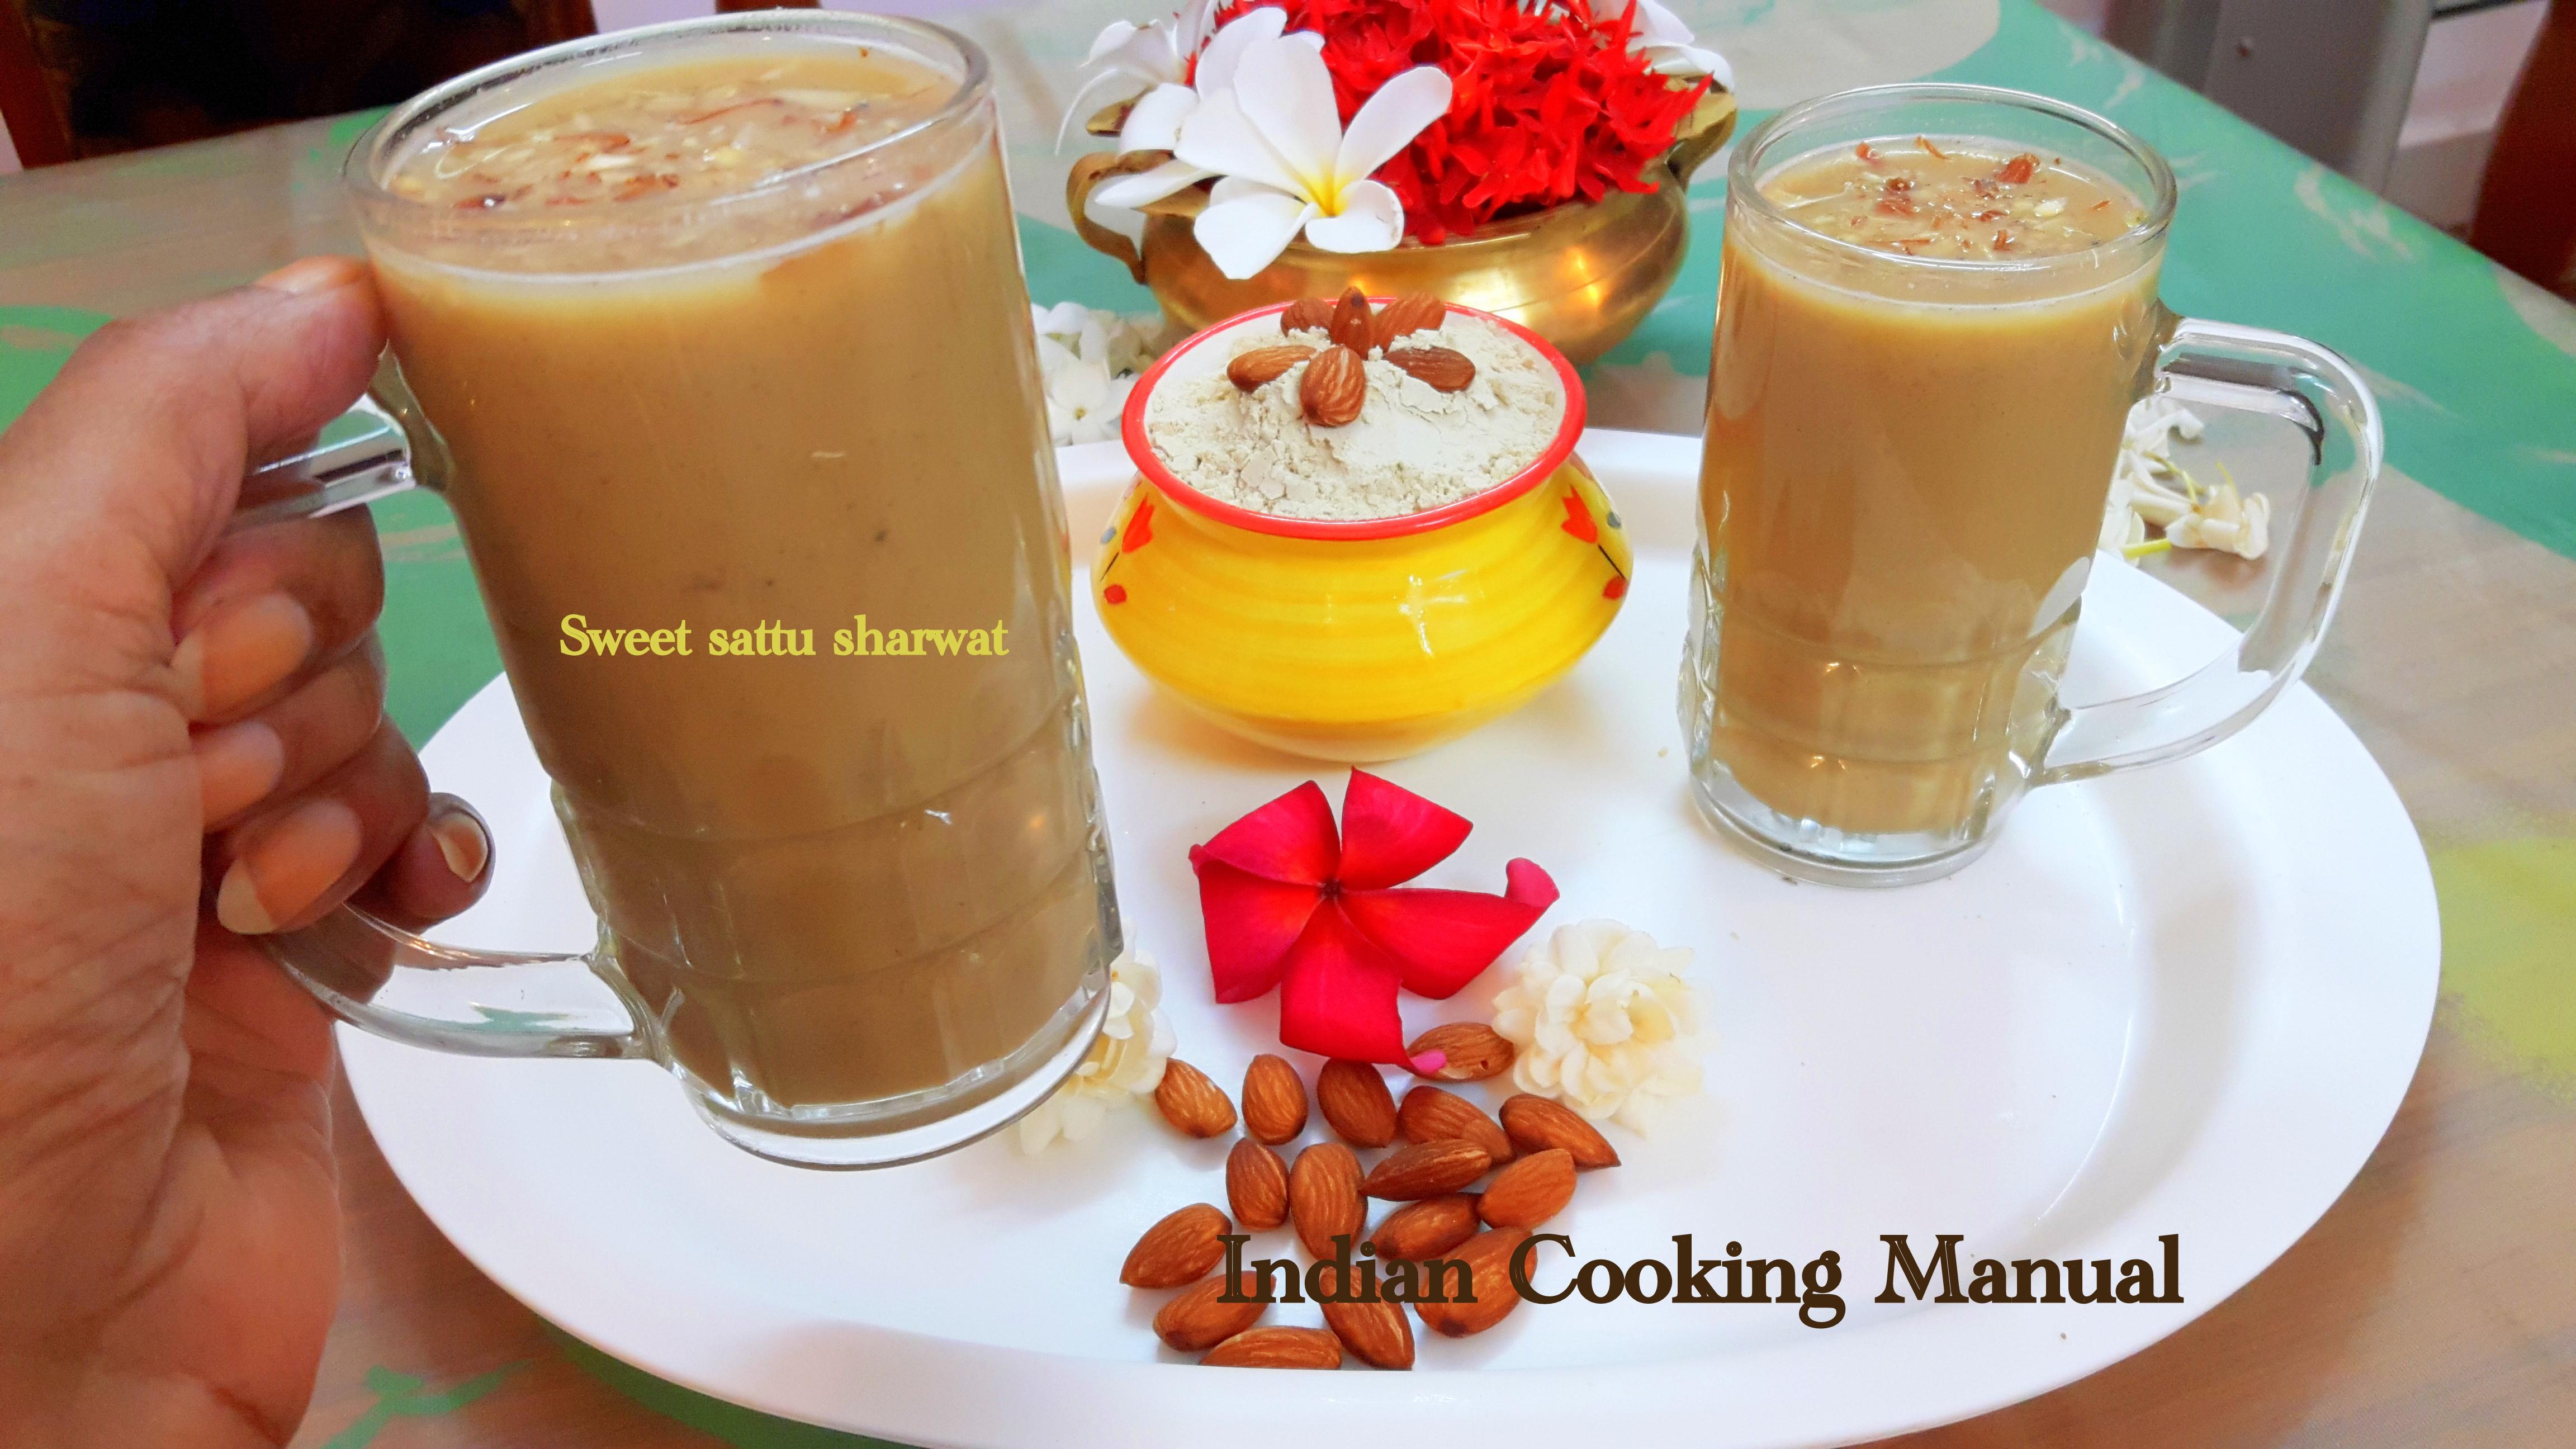 Sweet sattu sharbat (sweet protein drink)